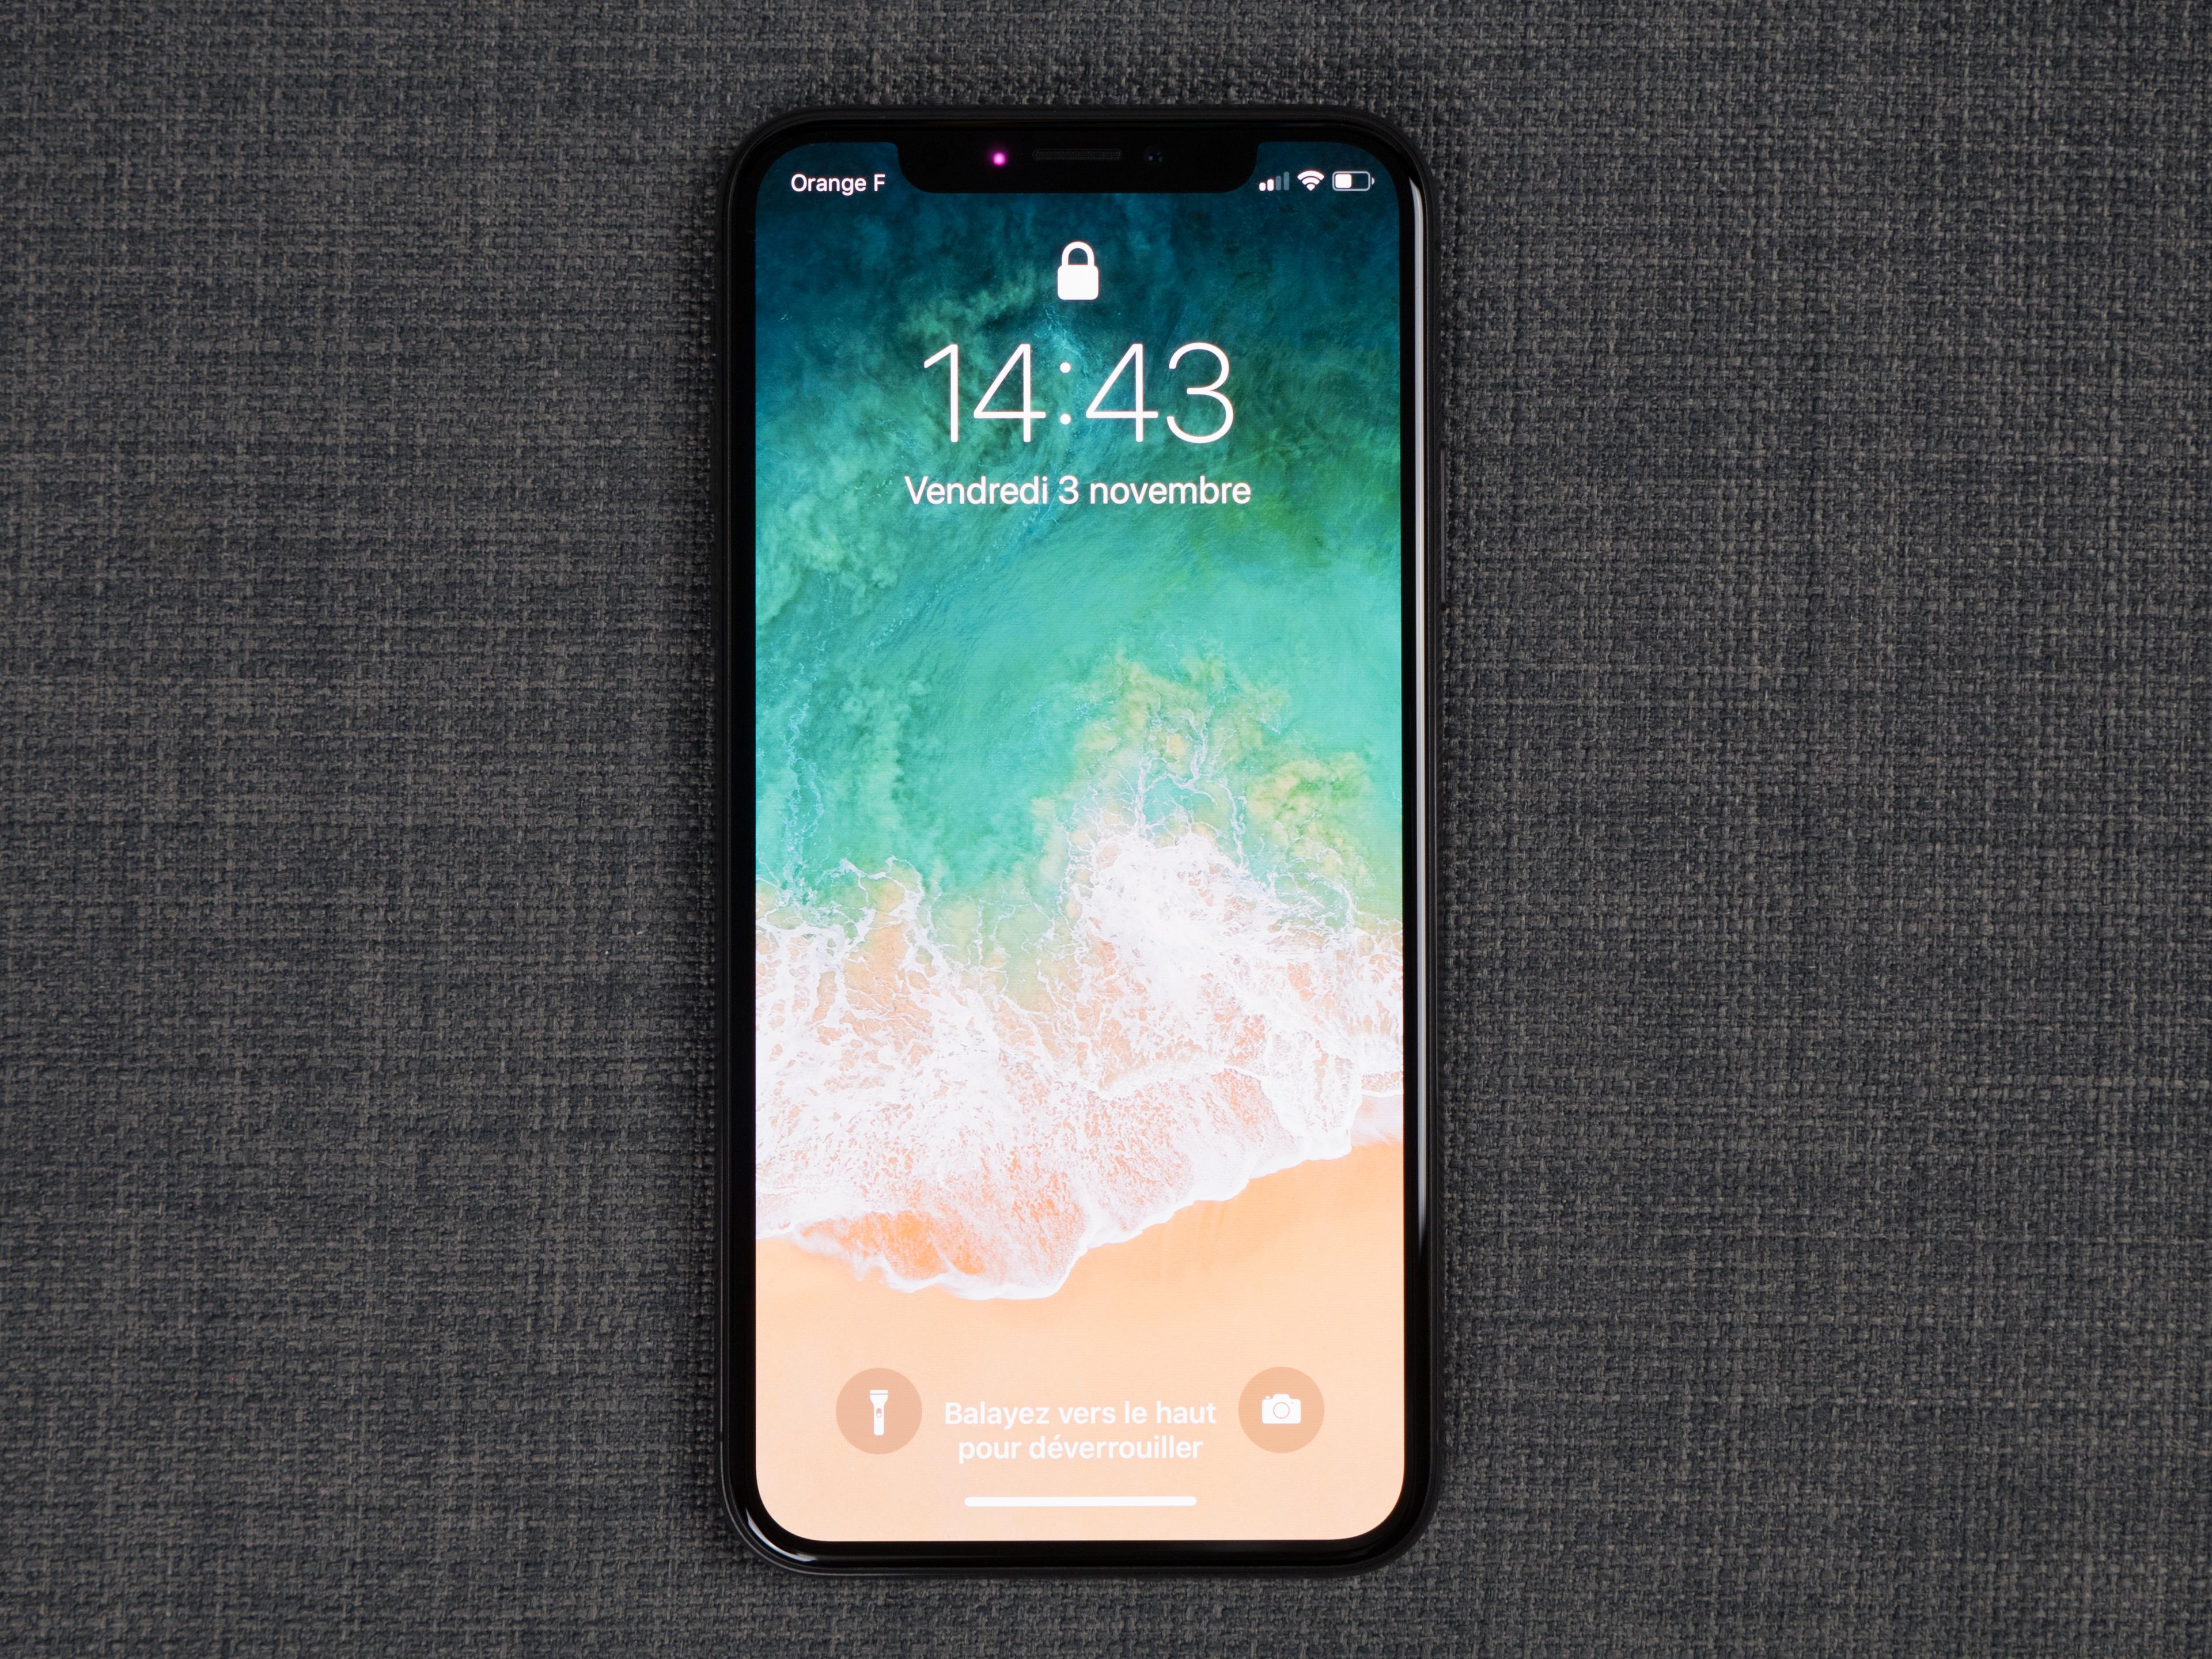 IPhone : un nouveau bug empêche l'utilisation des applications pour envoyer des messages